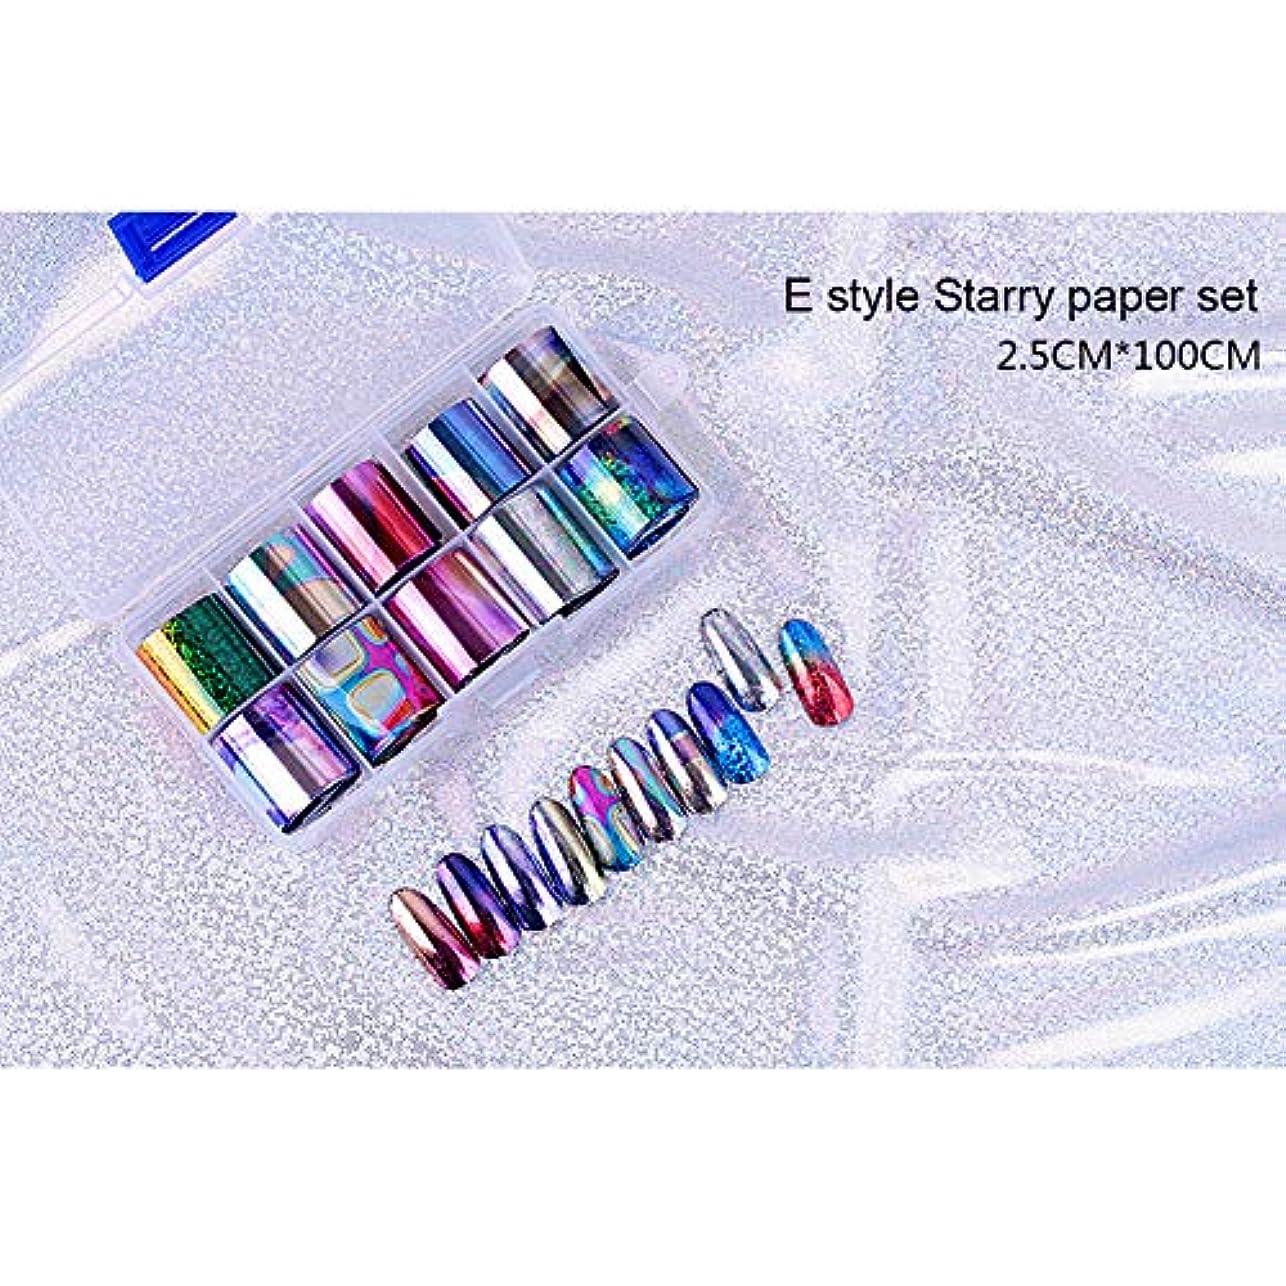 運河故意にファセットACHICOO ネイルアートステッカー 10個 ネイルアート チップネイル ステッカーデカール DIY アクセサリー E style star paper set